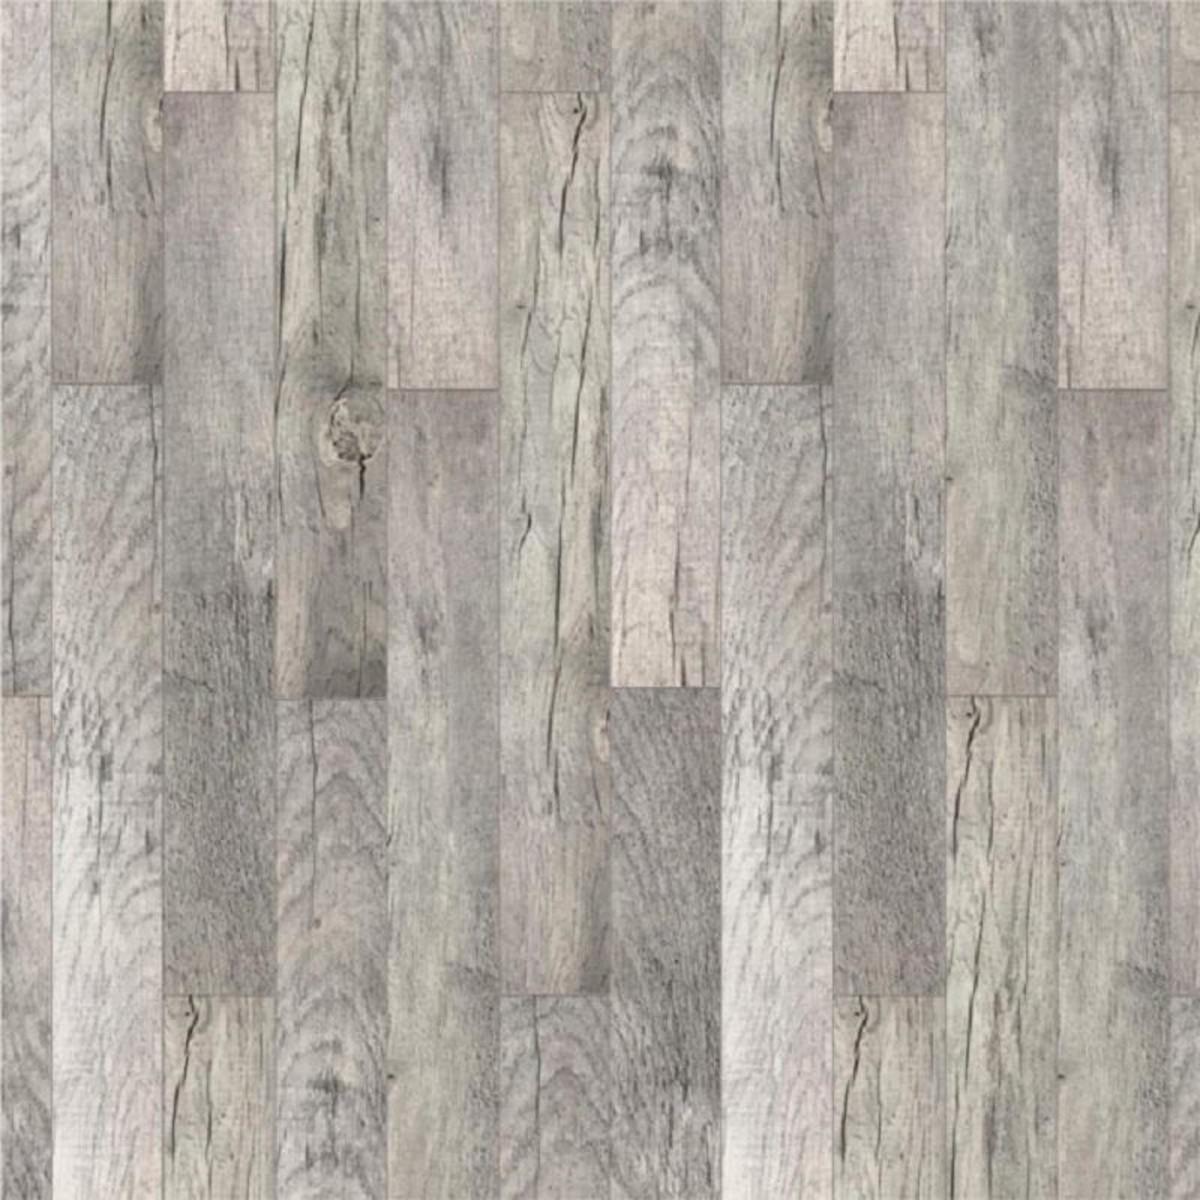 Ламинат Timber Lumber 33 класс толщина 10 мм 1.643 м²